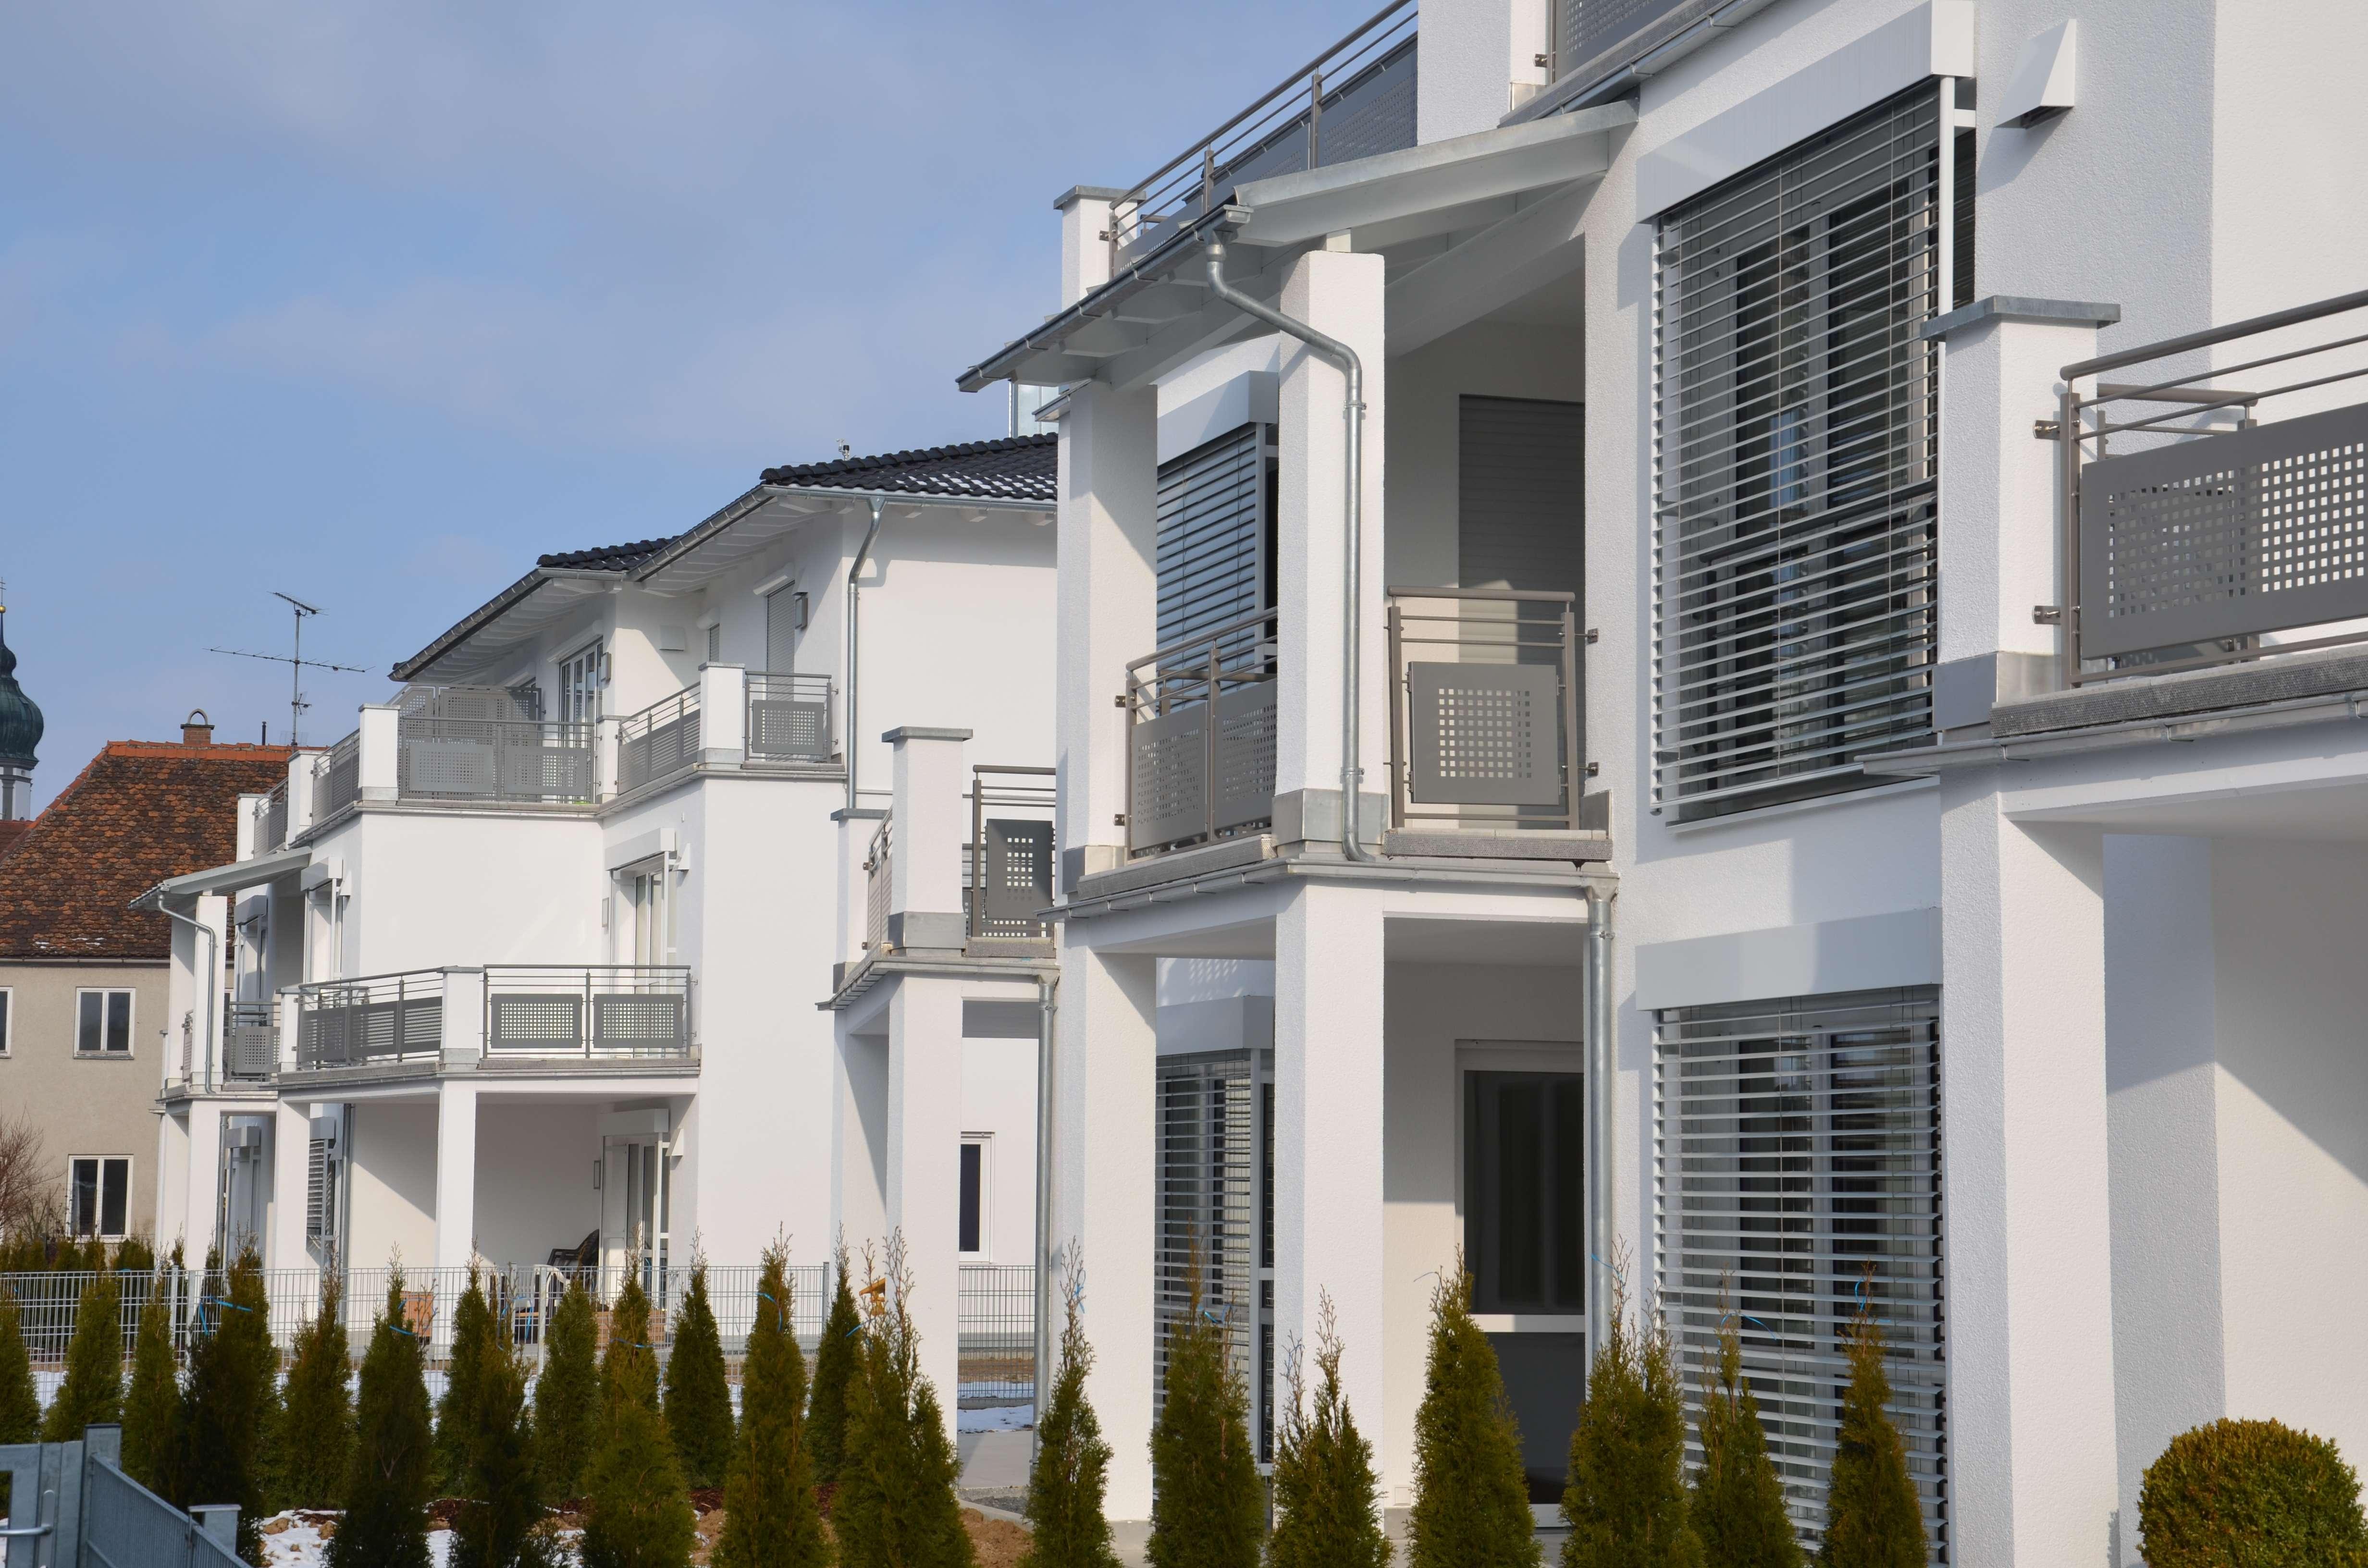 3-Zimmer Penthousewohnung mit 2 Dachterrassen in Dillingen an der Donau